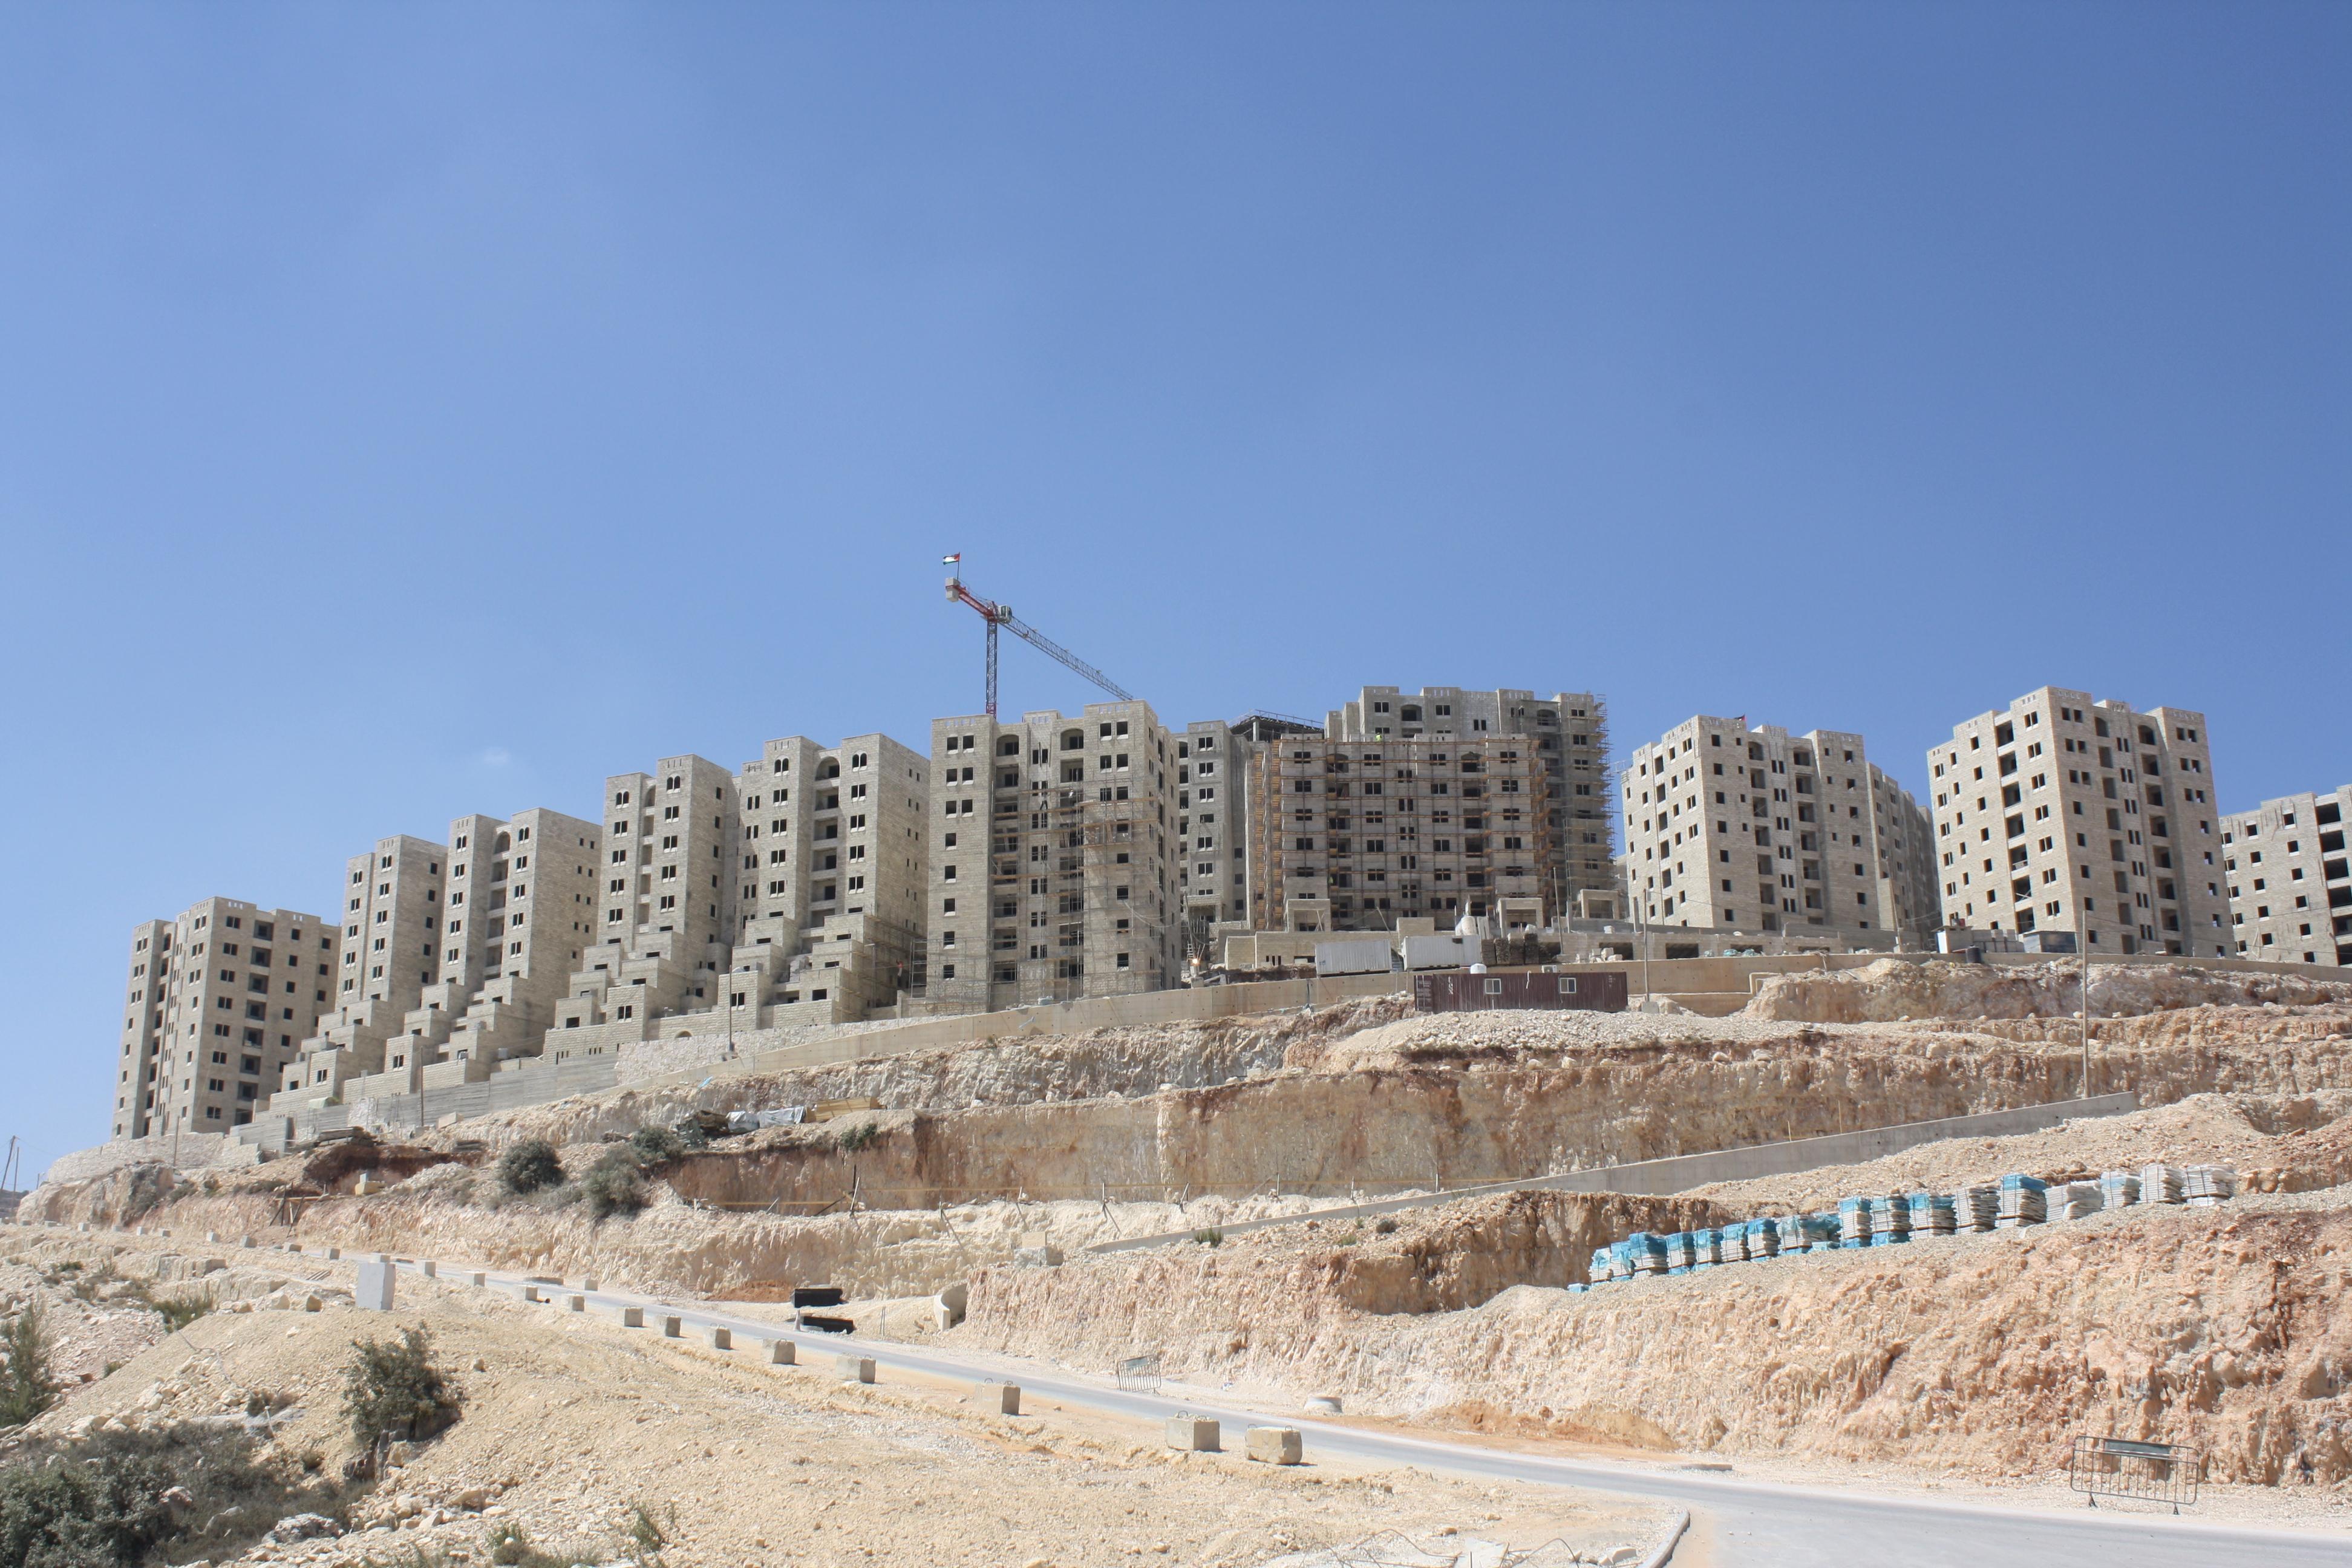 הגרסה הפלסטינית למודיעין. שכונות בבנייה בעיר רוואבי. צילום: מיכאל יעקובסון